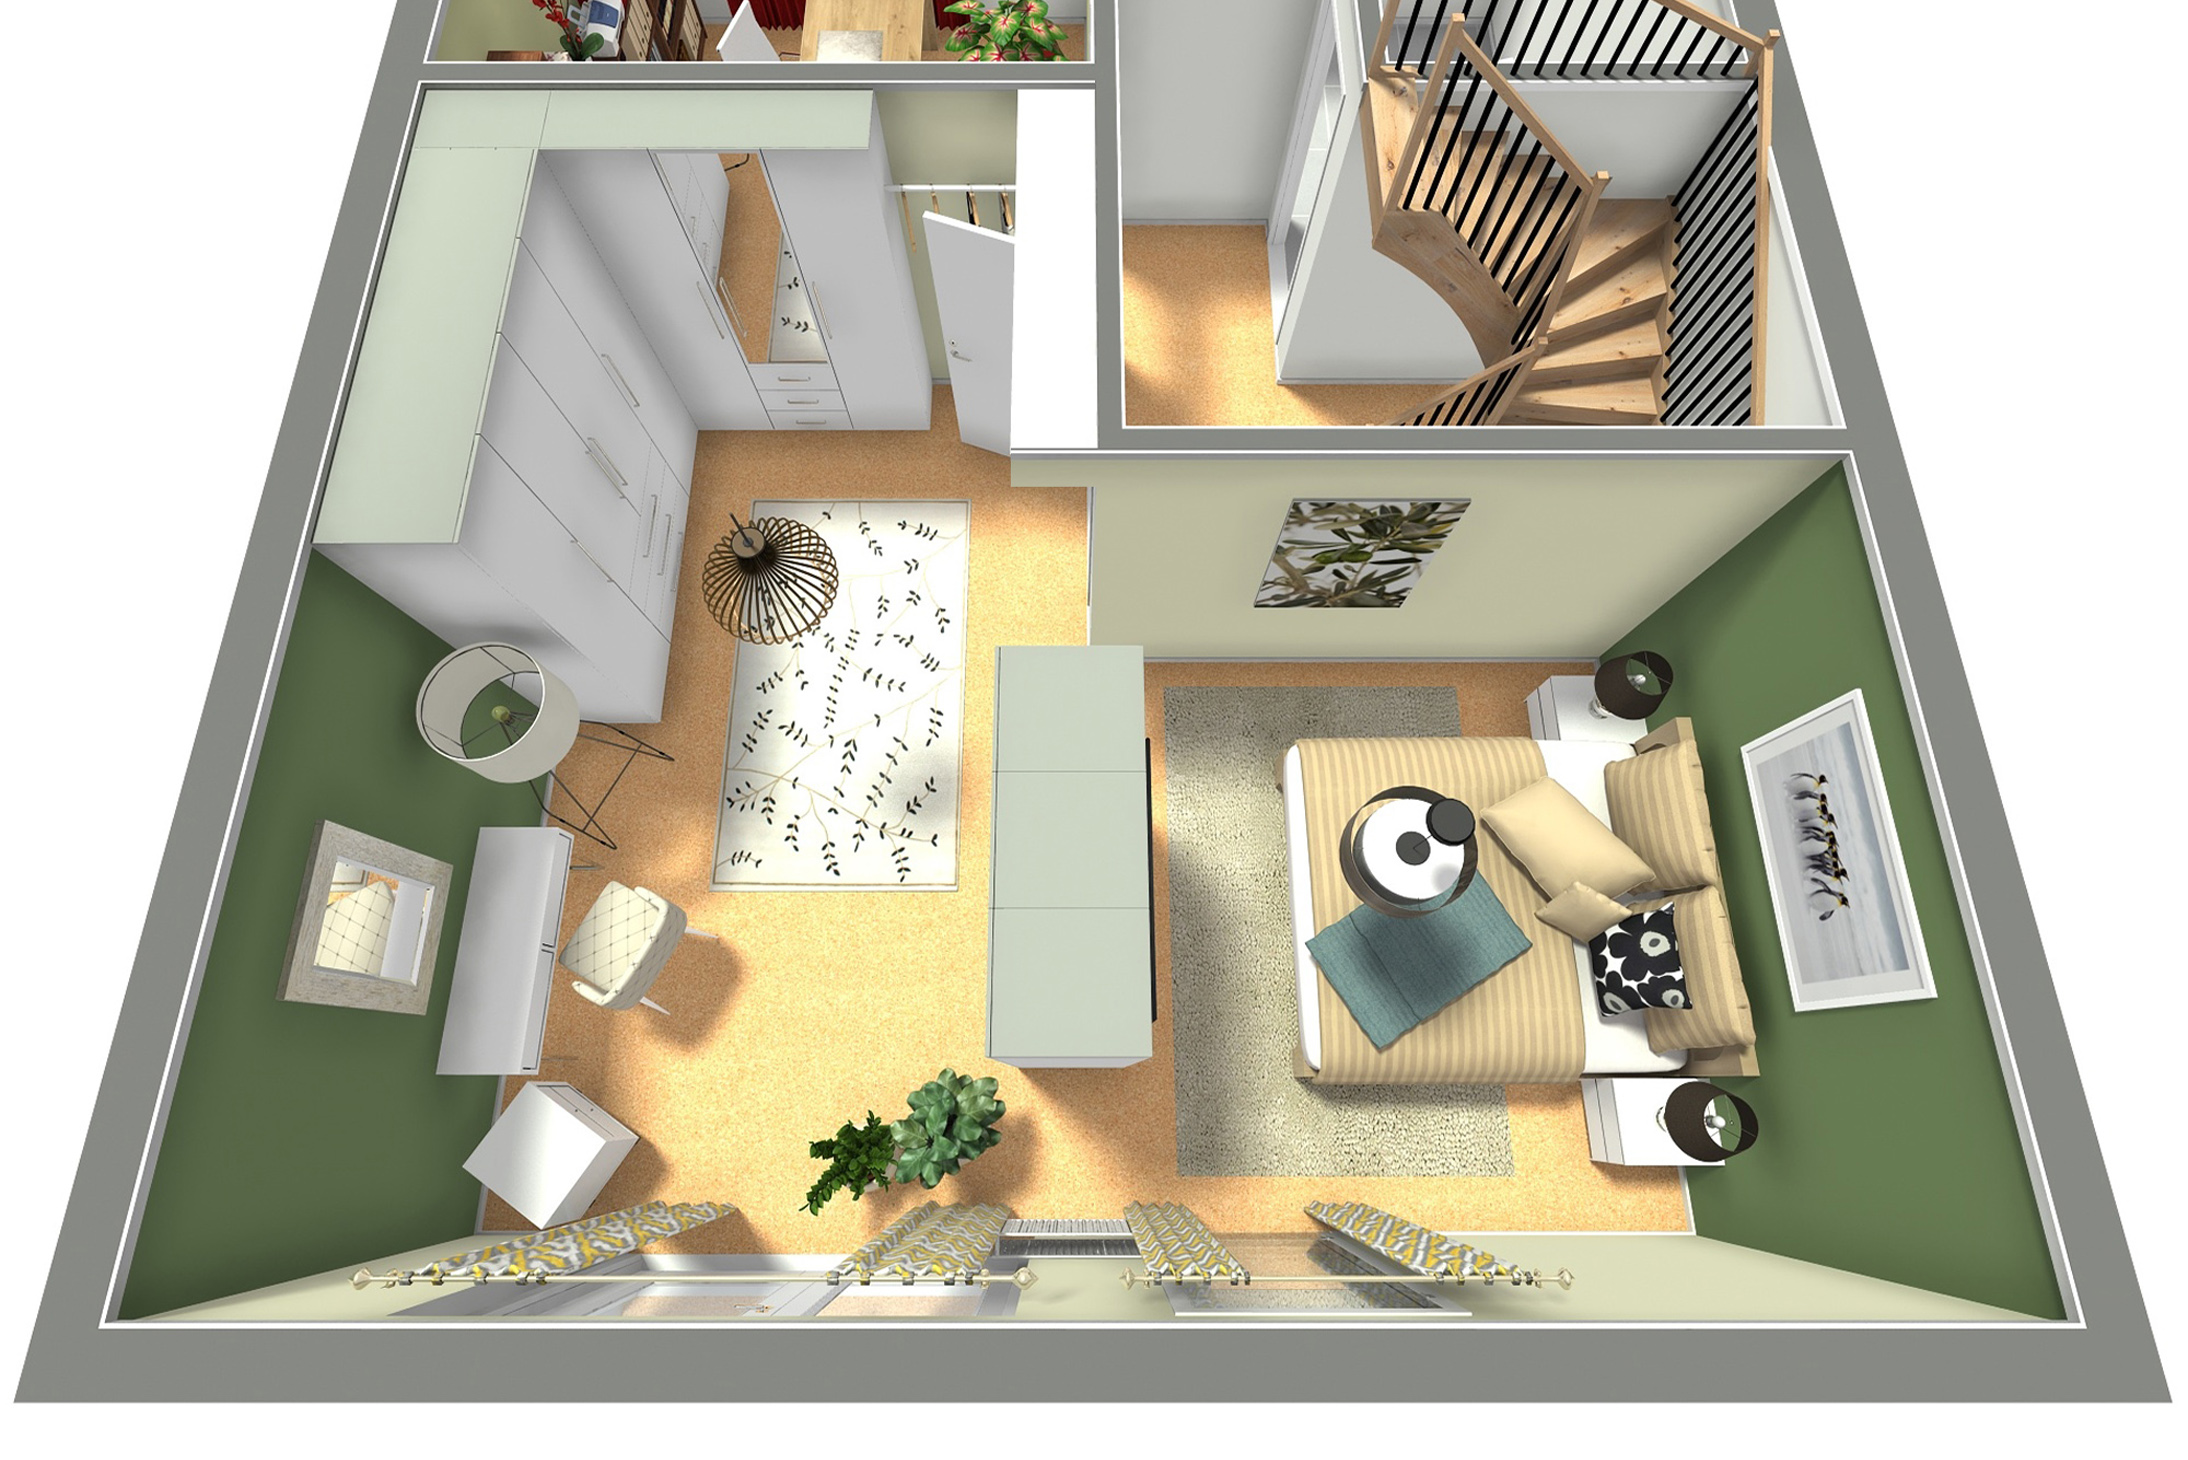 Referenzen_17__3D-Grundriss_Ankleide-Schlafzimmer_Hauptbild